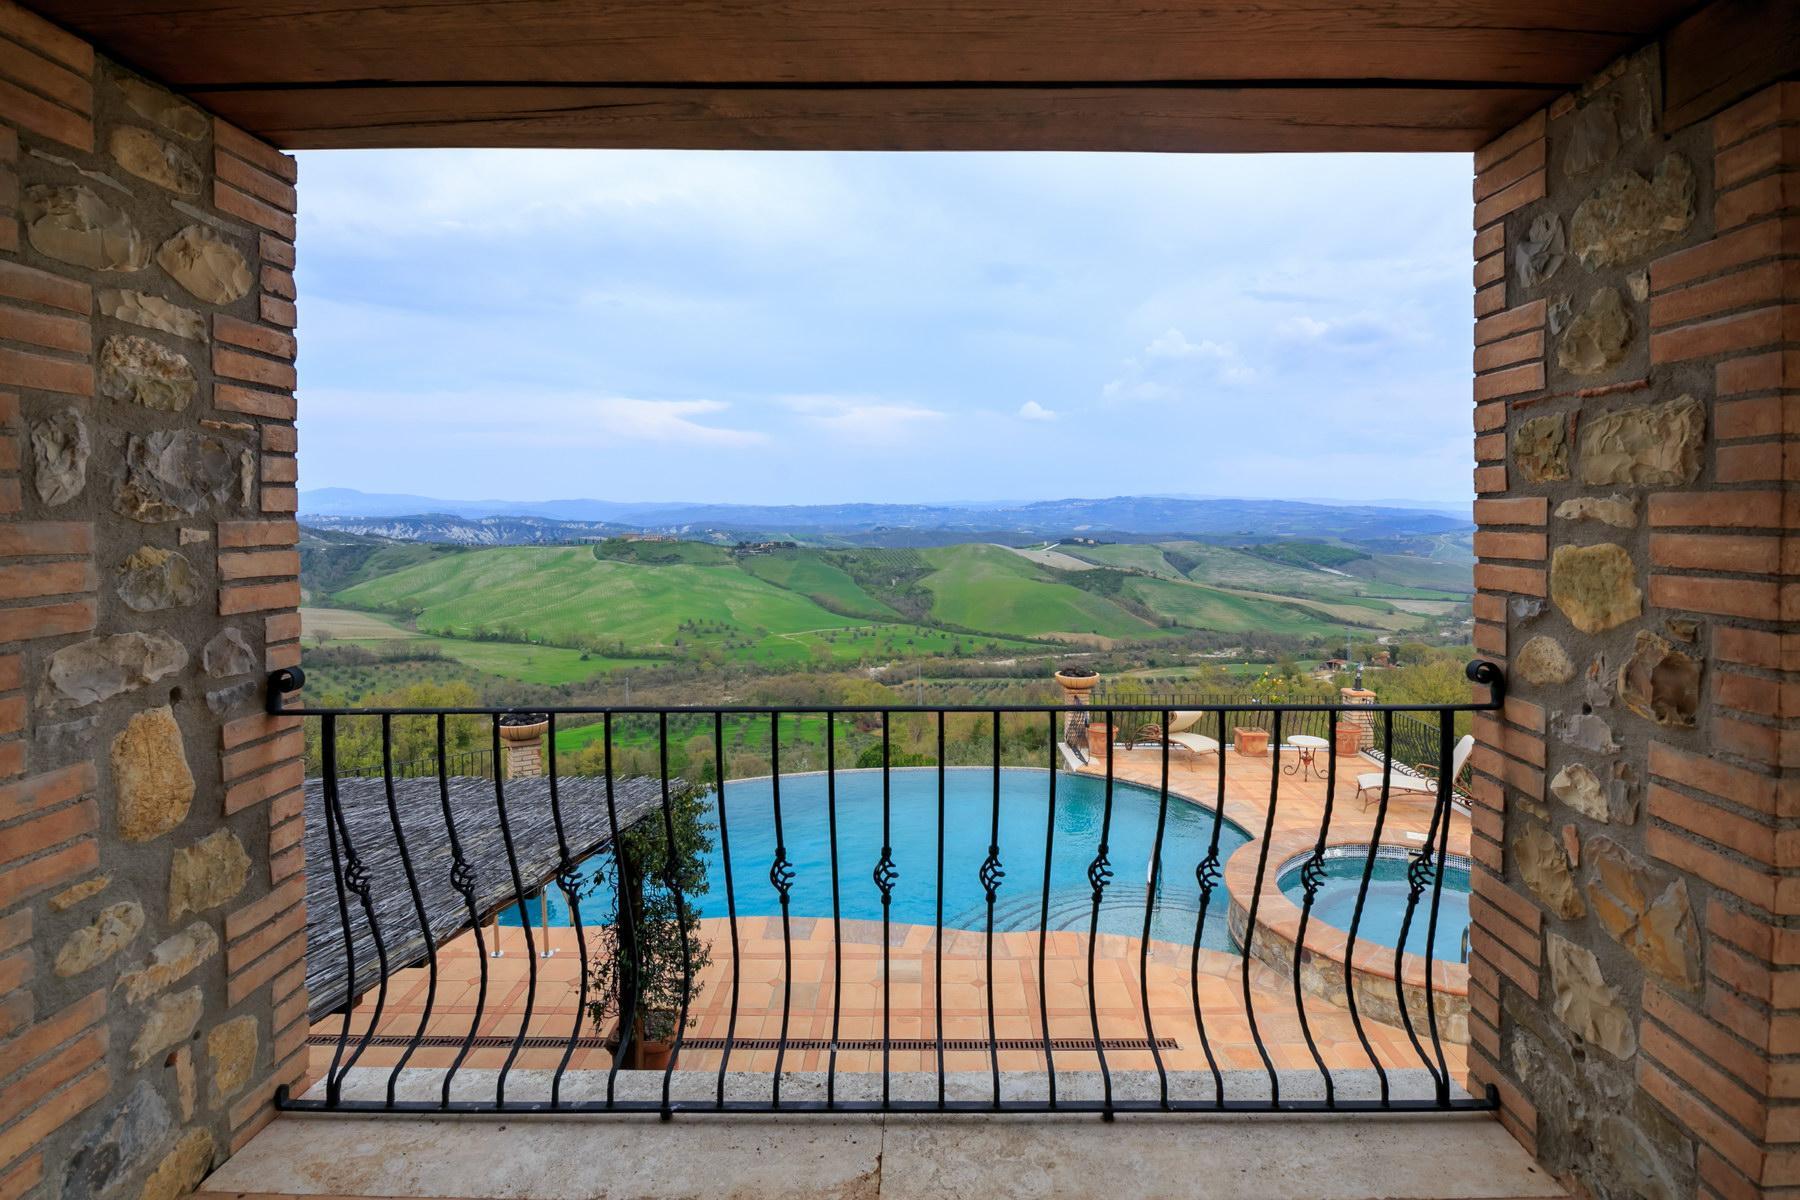 Wunderschönes Anwesen auf den Hügeln von Umbrien - 1